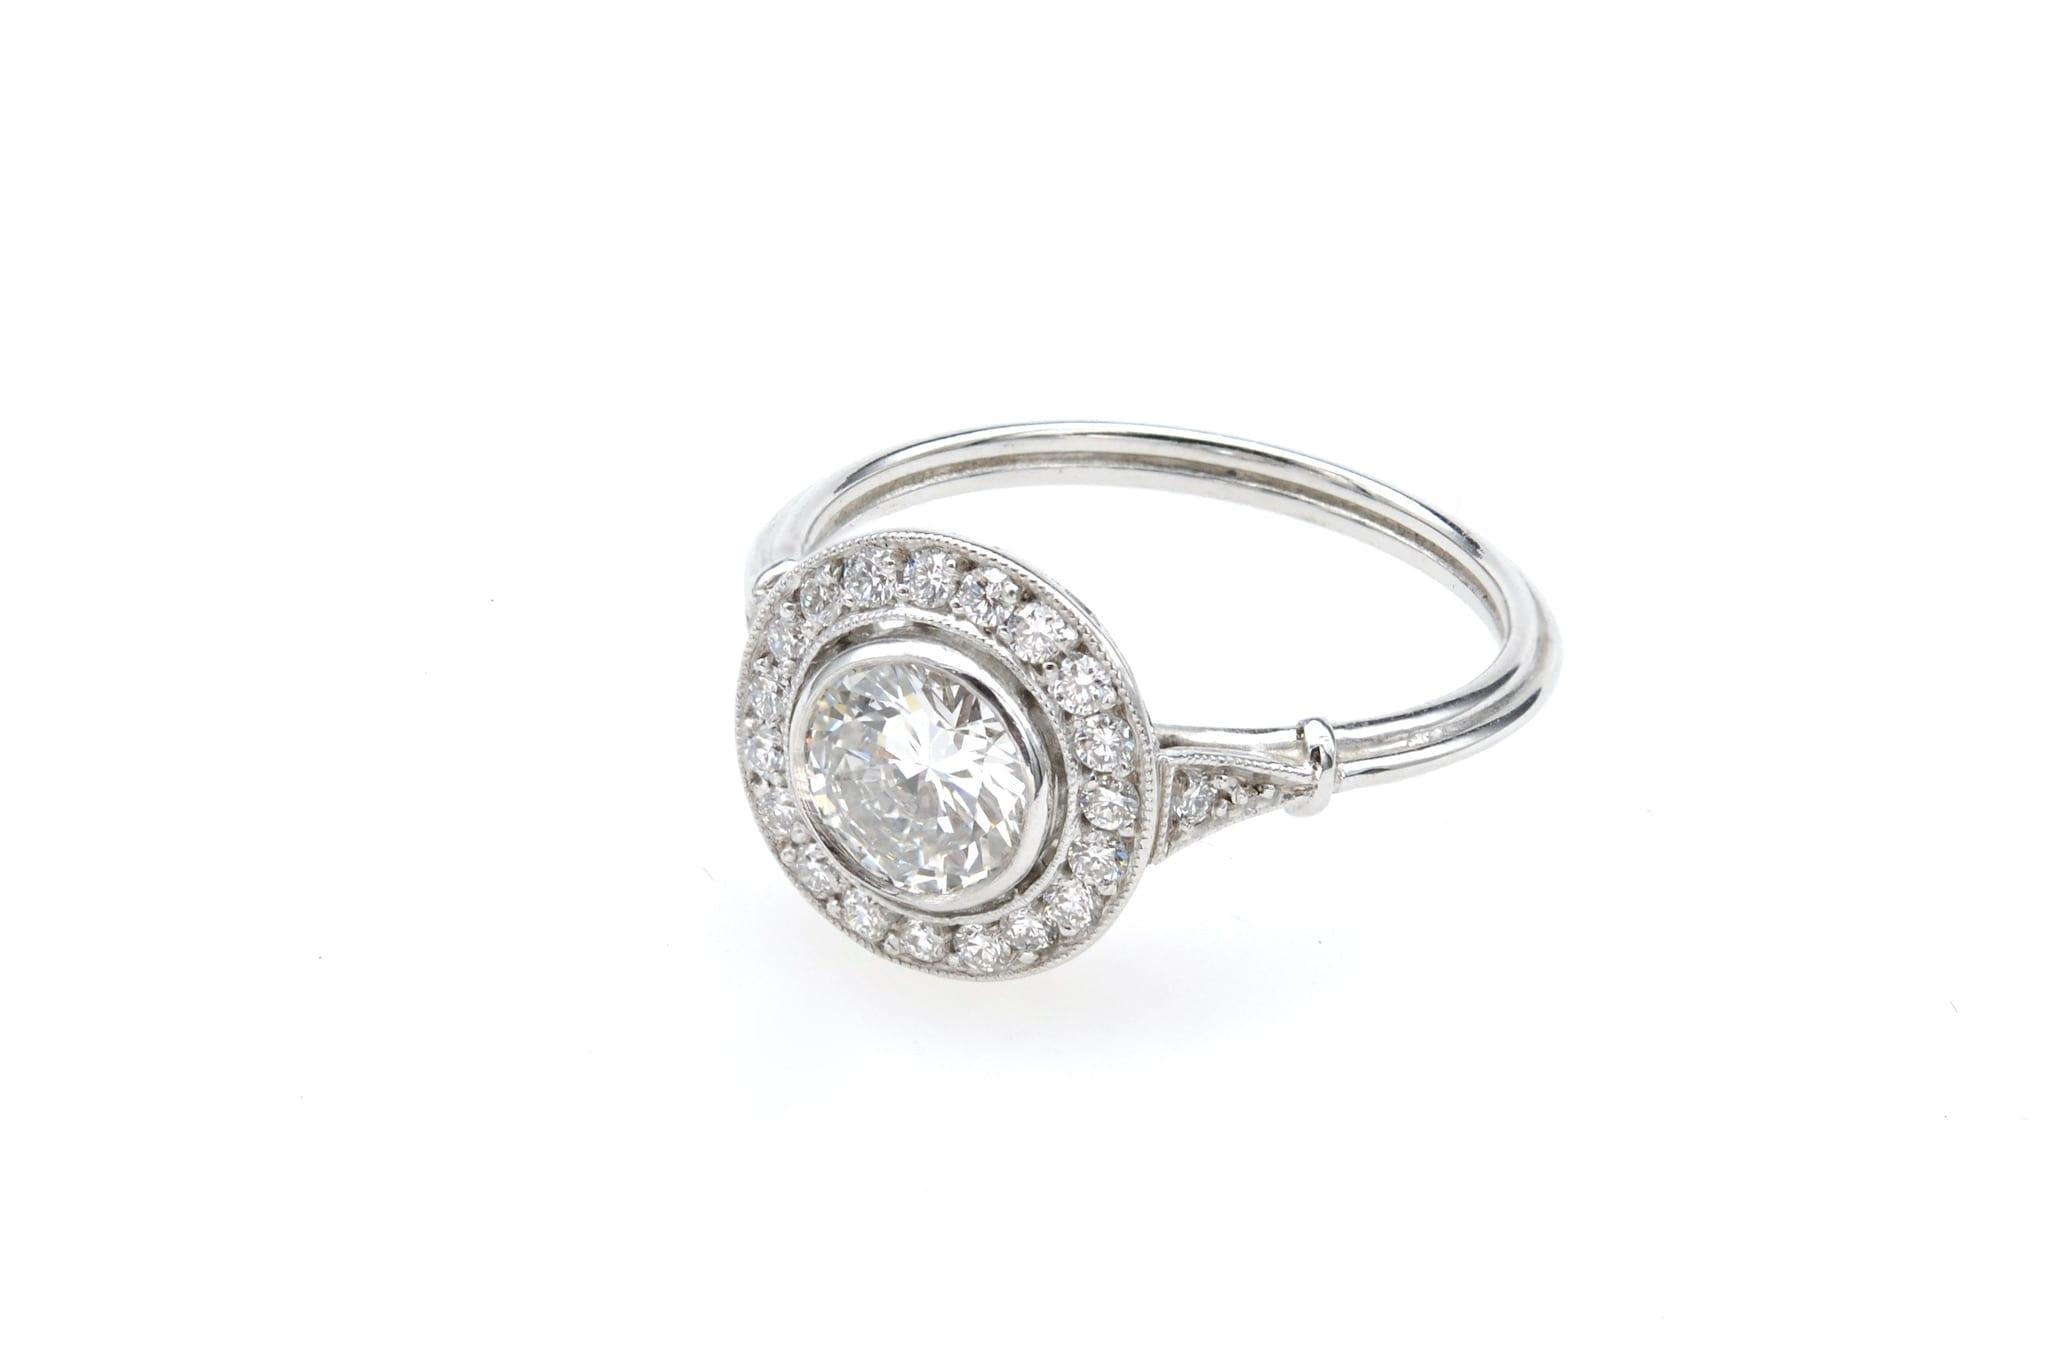 bague vintage ronde diamants